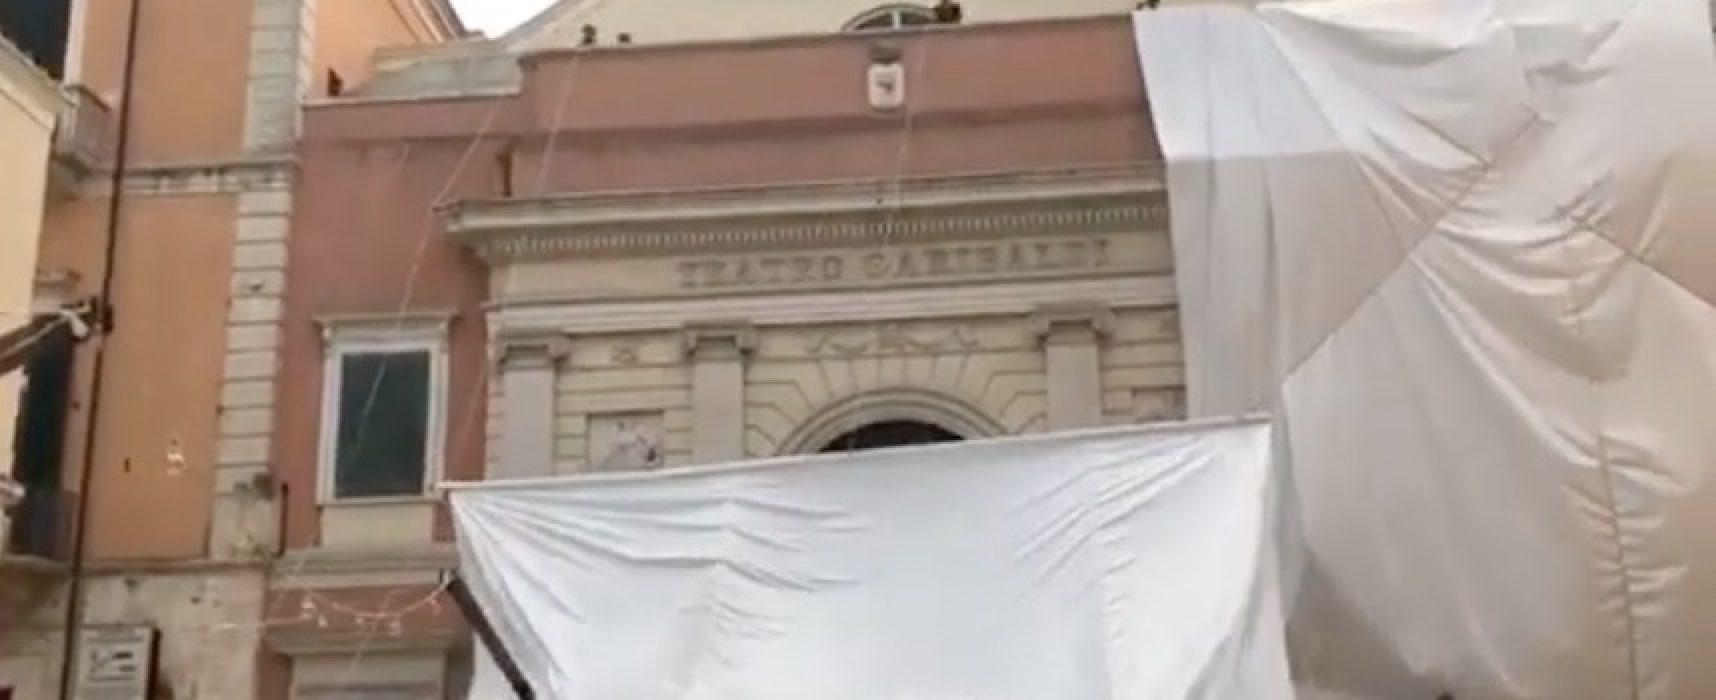 """Teatro Garibaldi """"impacchettato"""" in ricordo di Christo e per denunciare lo stallo del settore"""